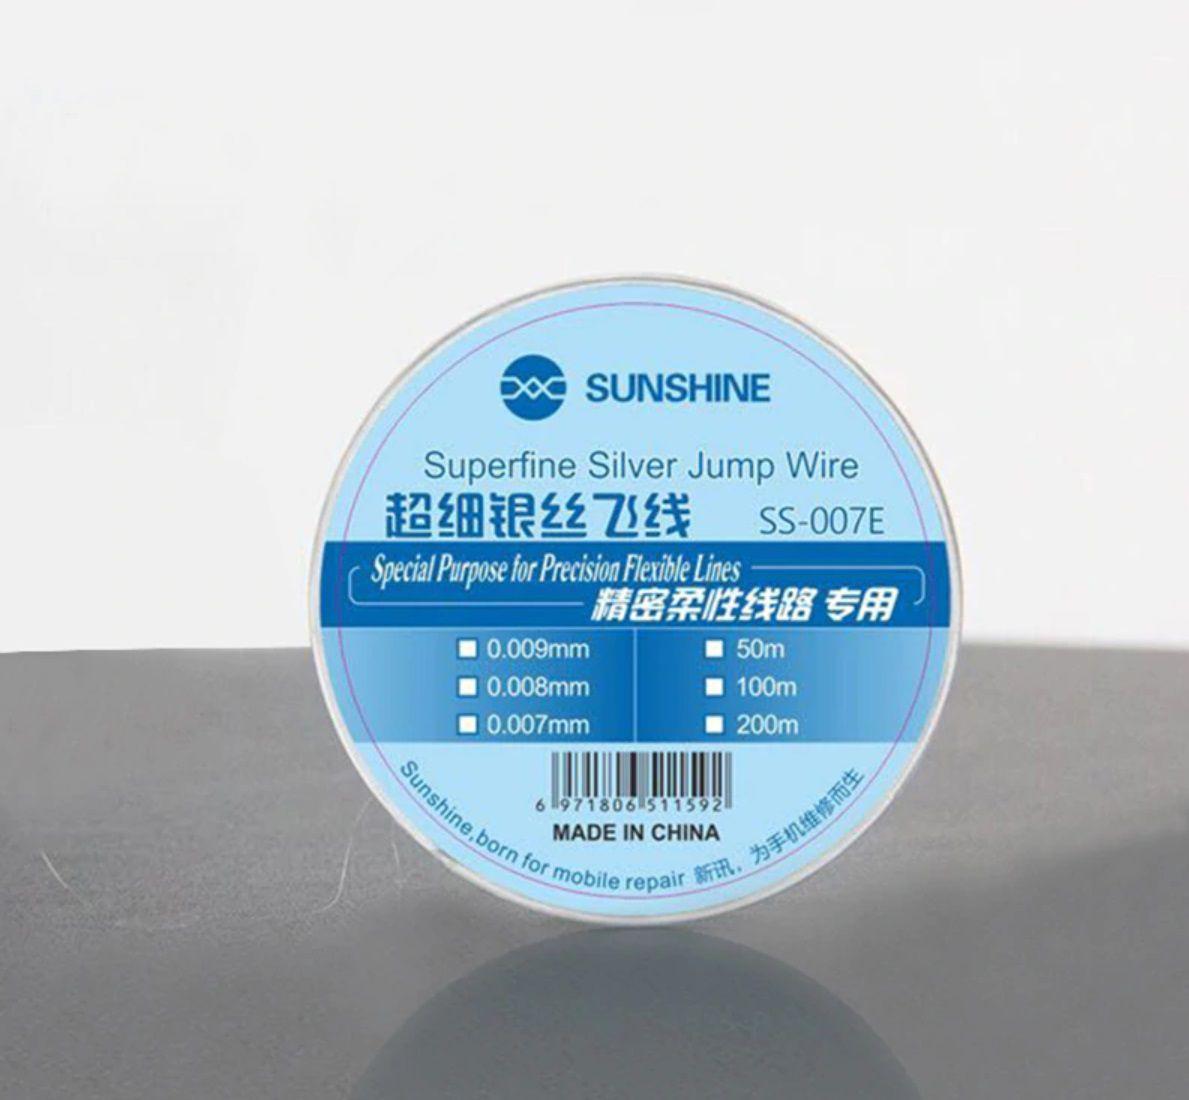 Sunshine Ss-007E Fio Jumper Reparo Placa Celular Super Fino 0.007mm X 200m